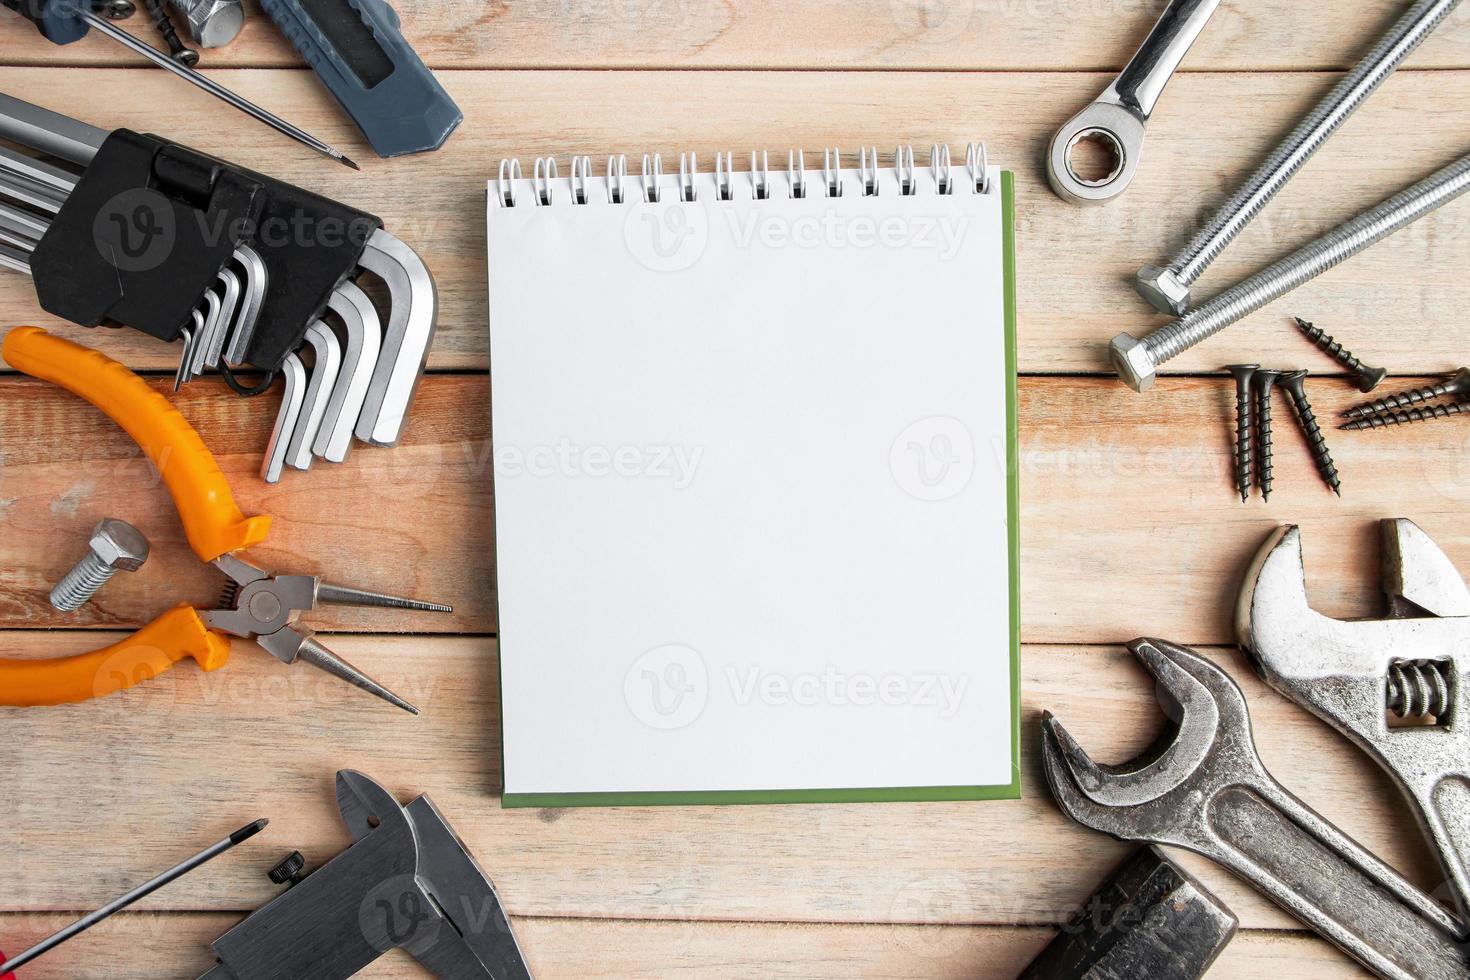 Conjunto de herramientas de trabajo con un bloc de notas sobre un fondo de madera foto